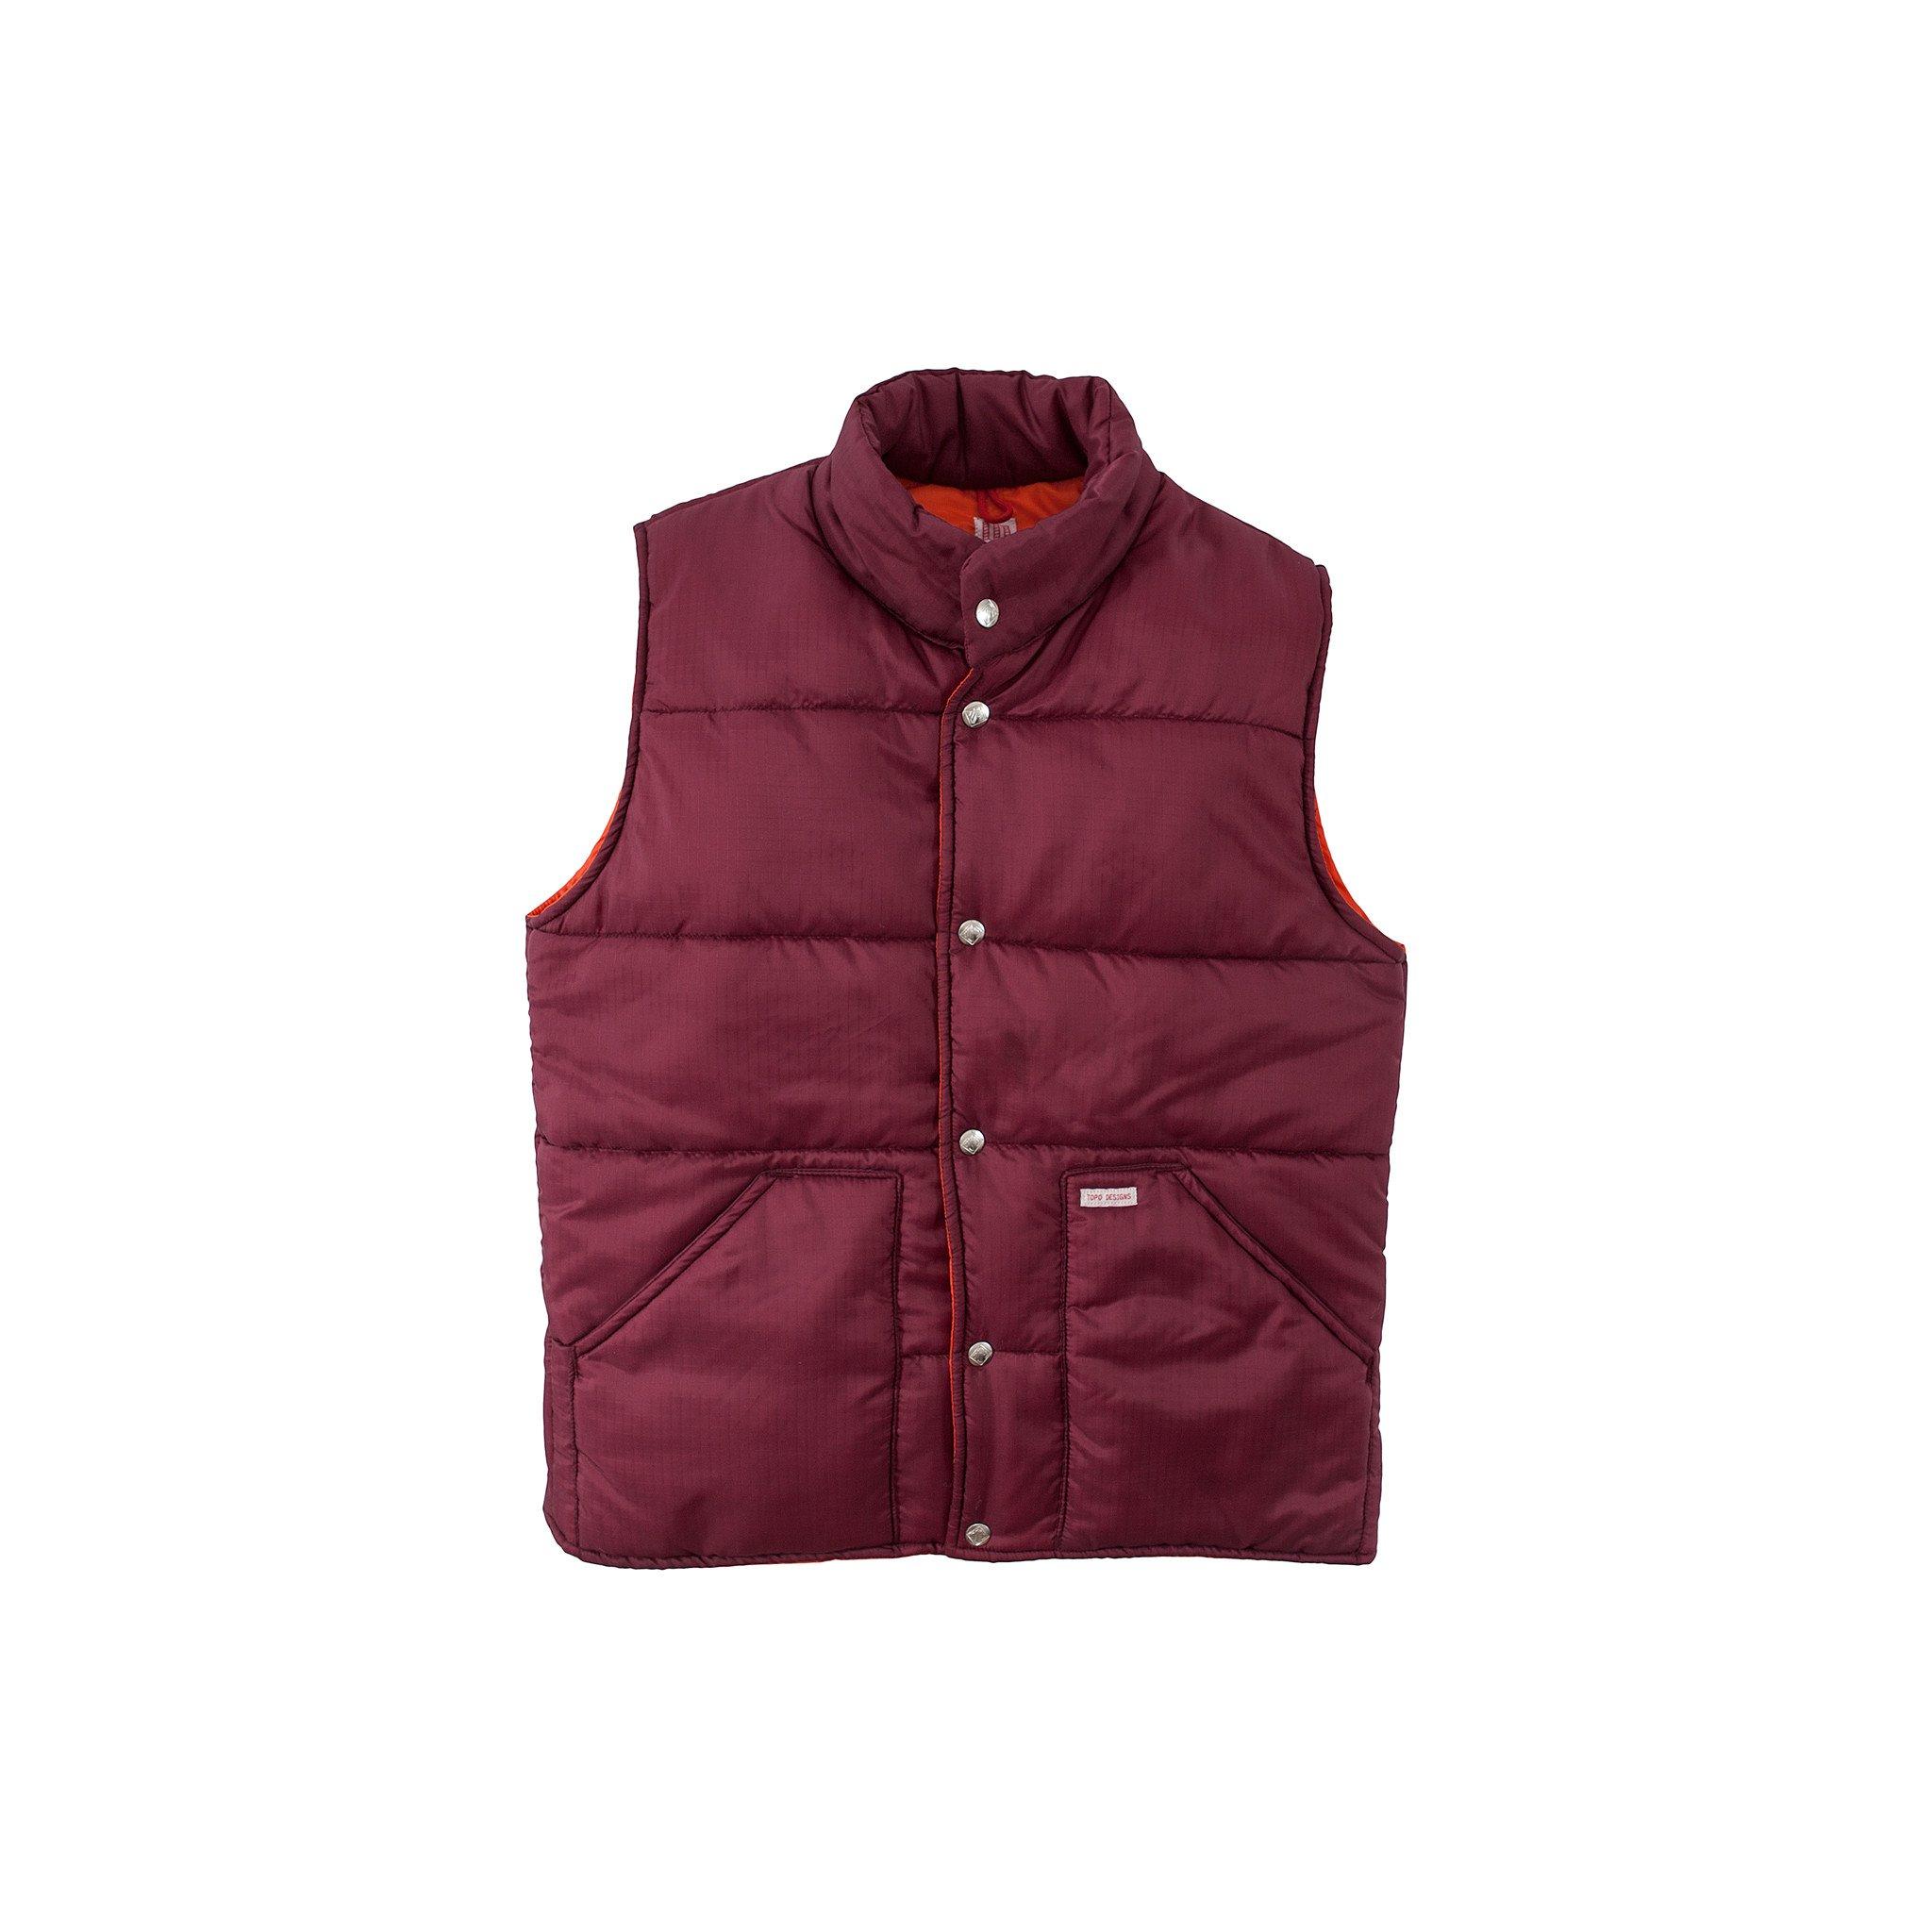 puffy vest topo designs i puffer vest i made in usa | topo designs AWWEUOE